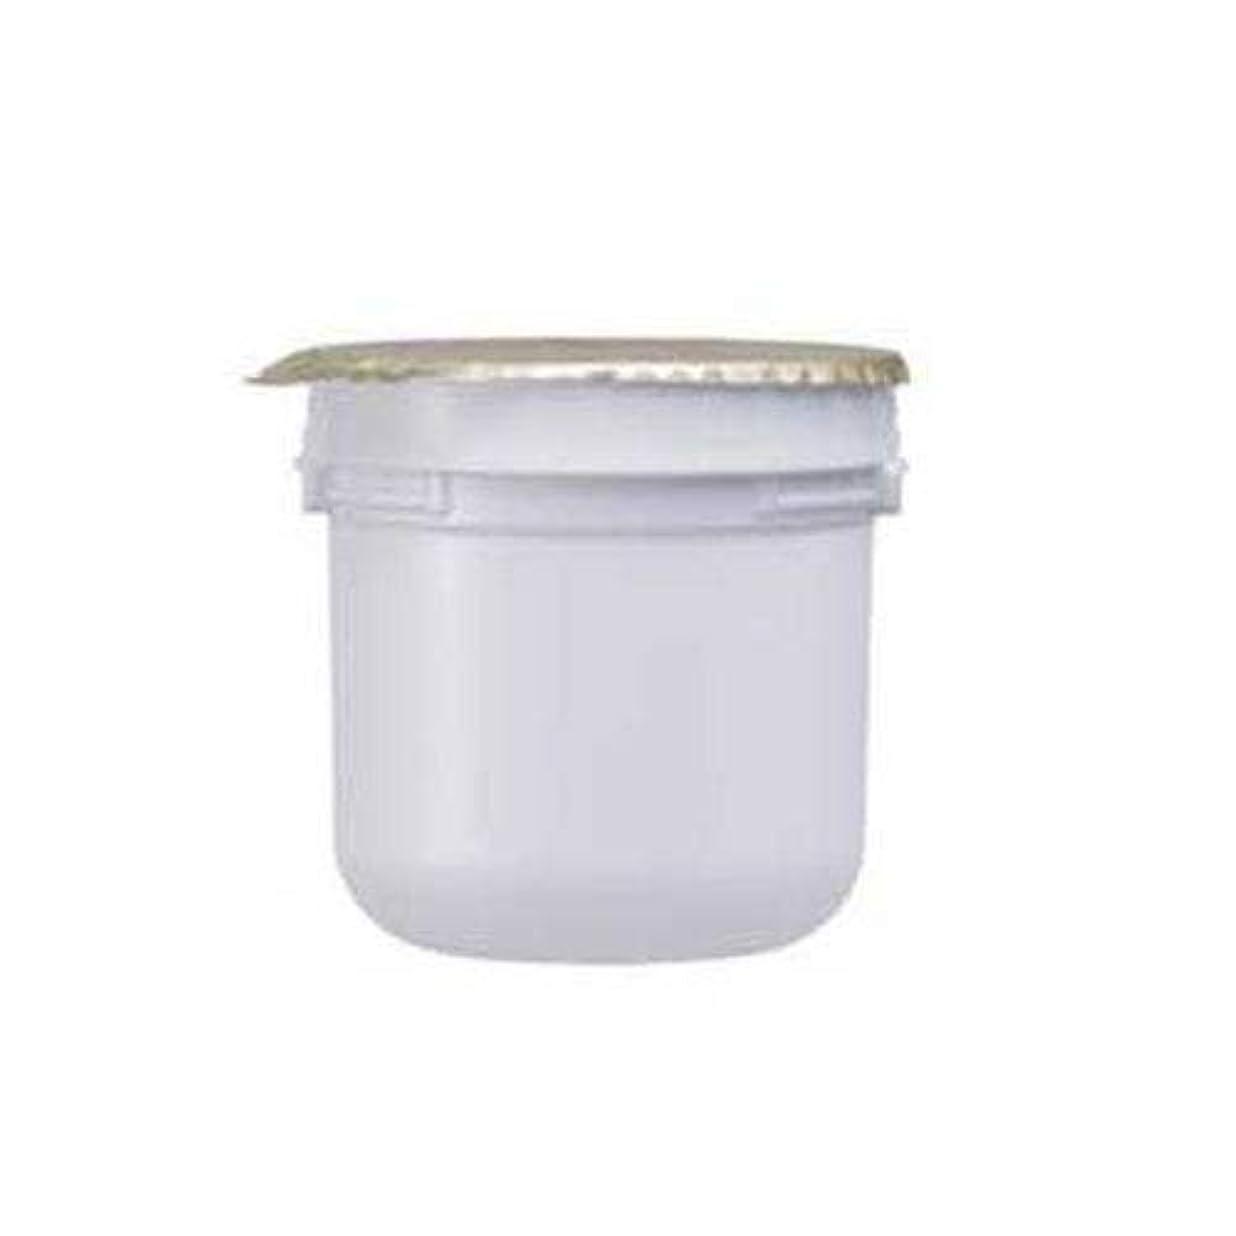 メジャーエスカレートペインティングアスタリフト ホワイト クリーム 30g レフィル